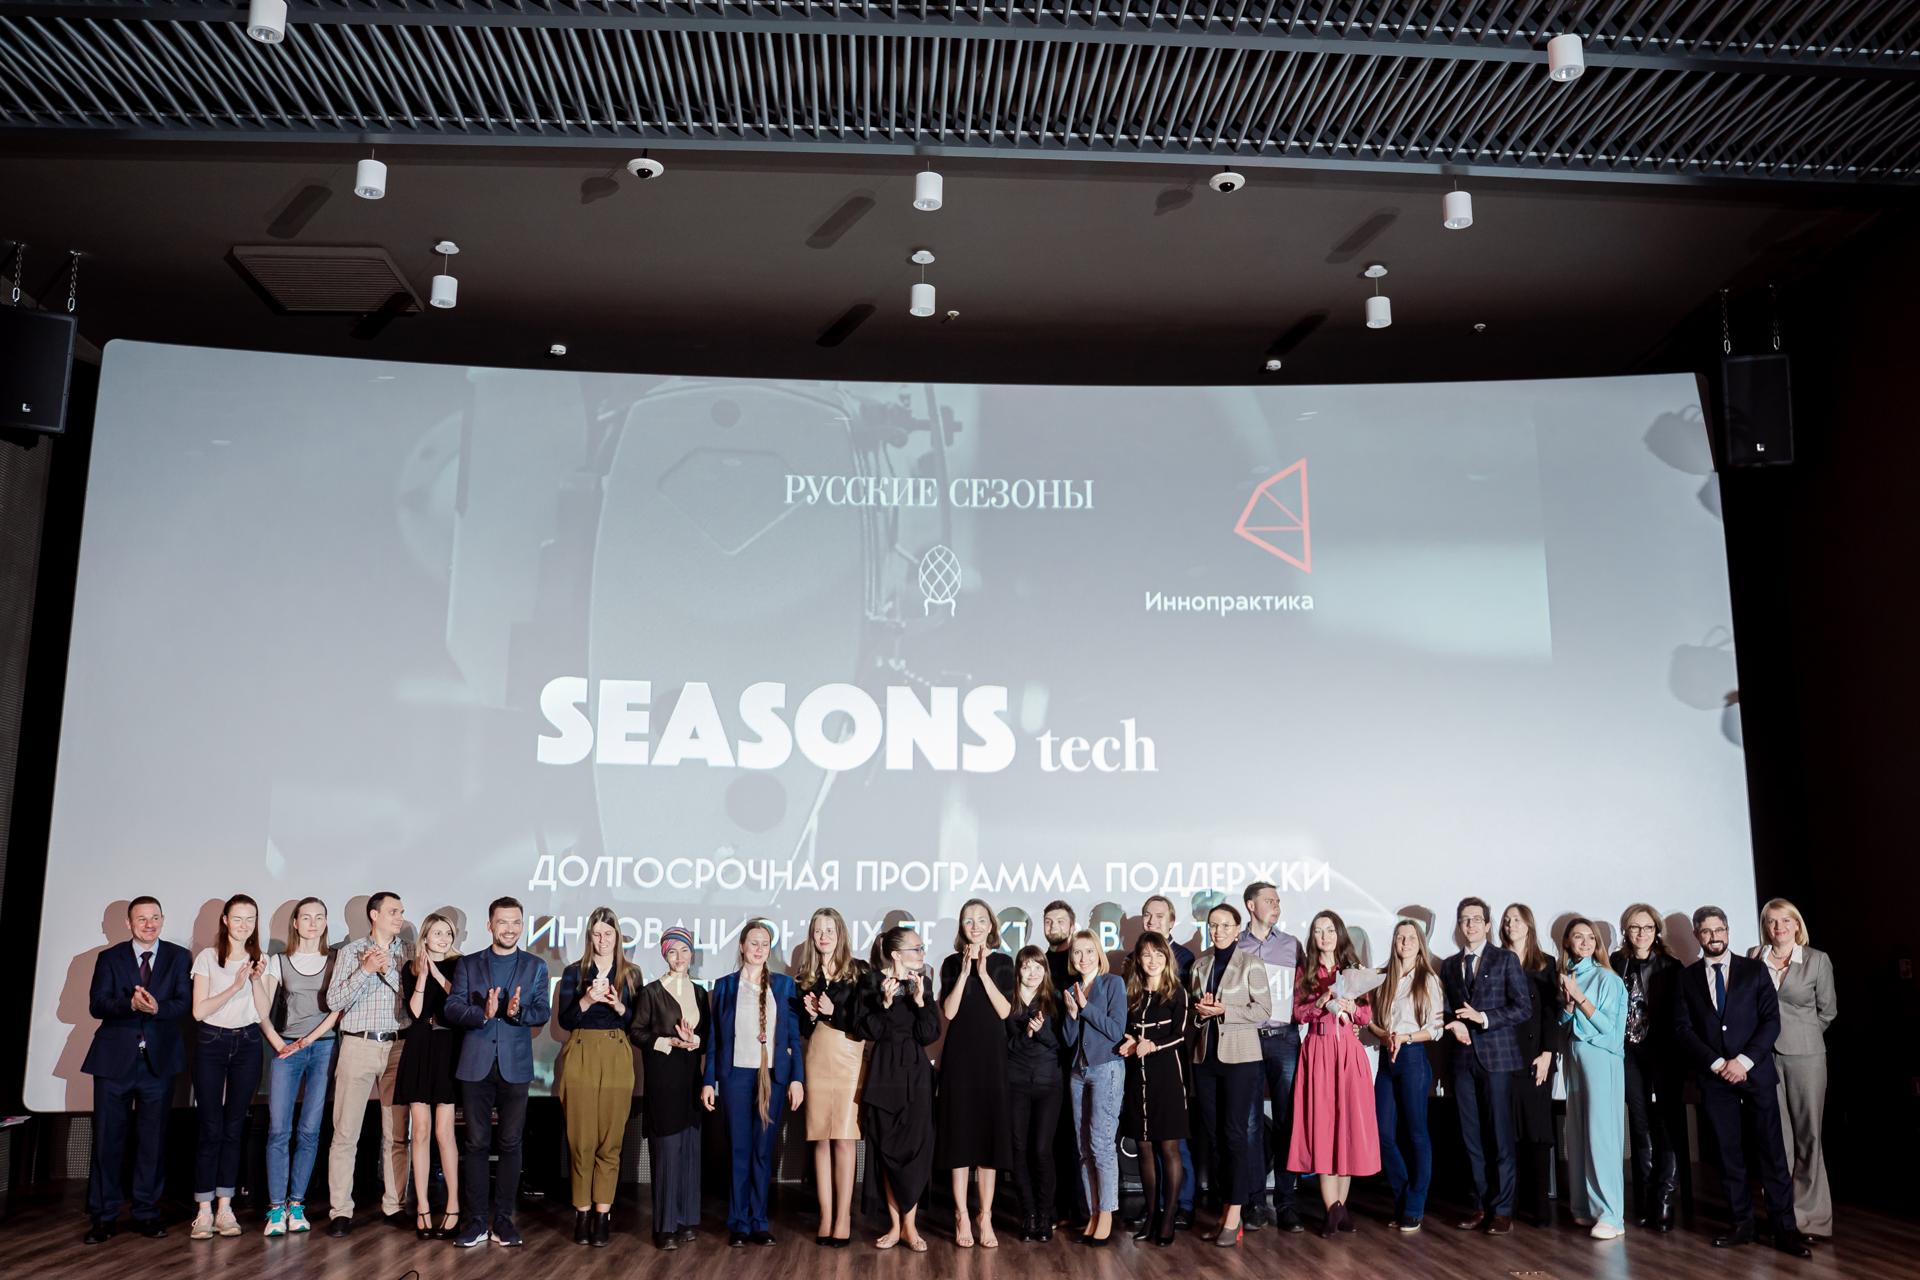 Стали известны проекты-победители программы SEASONS tech